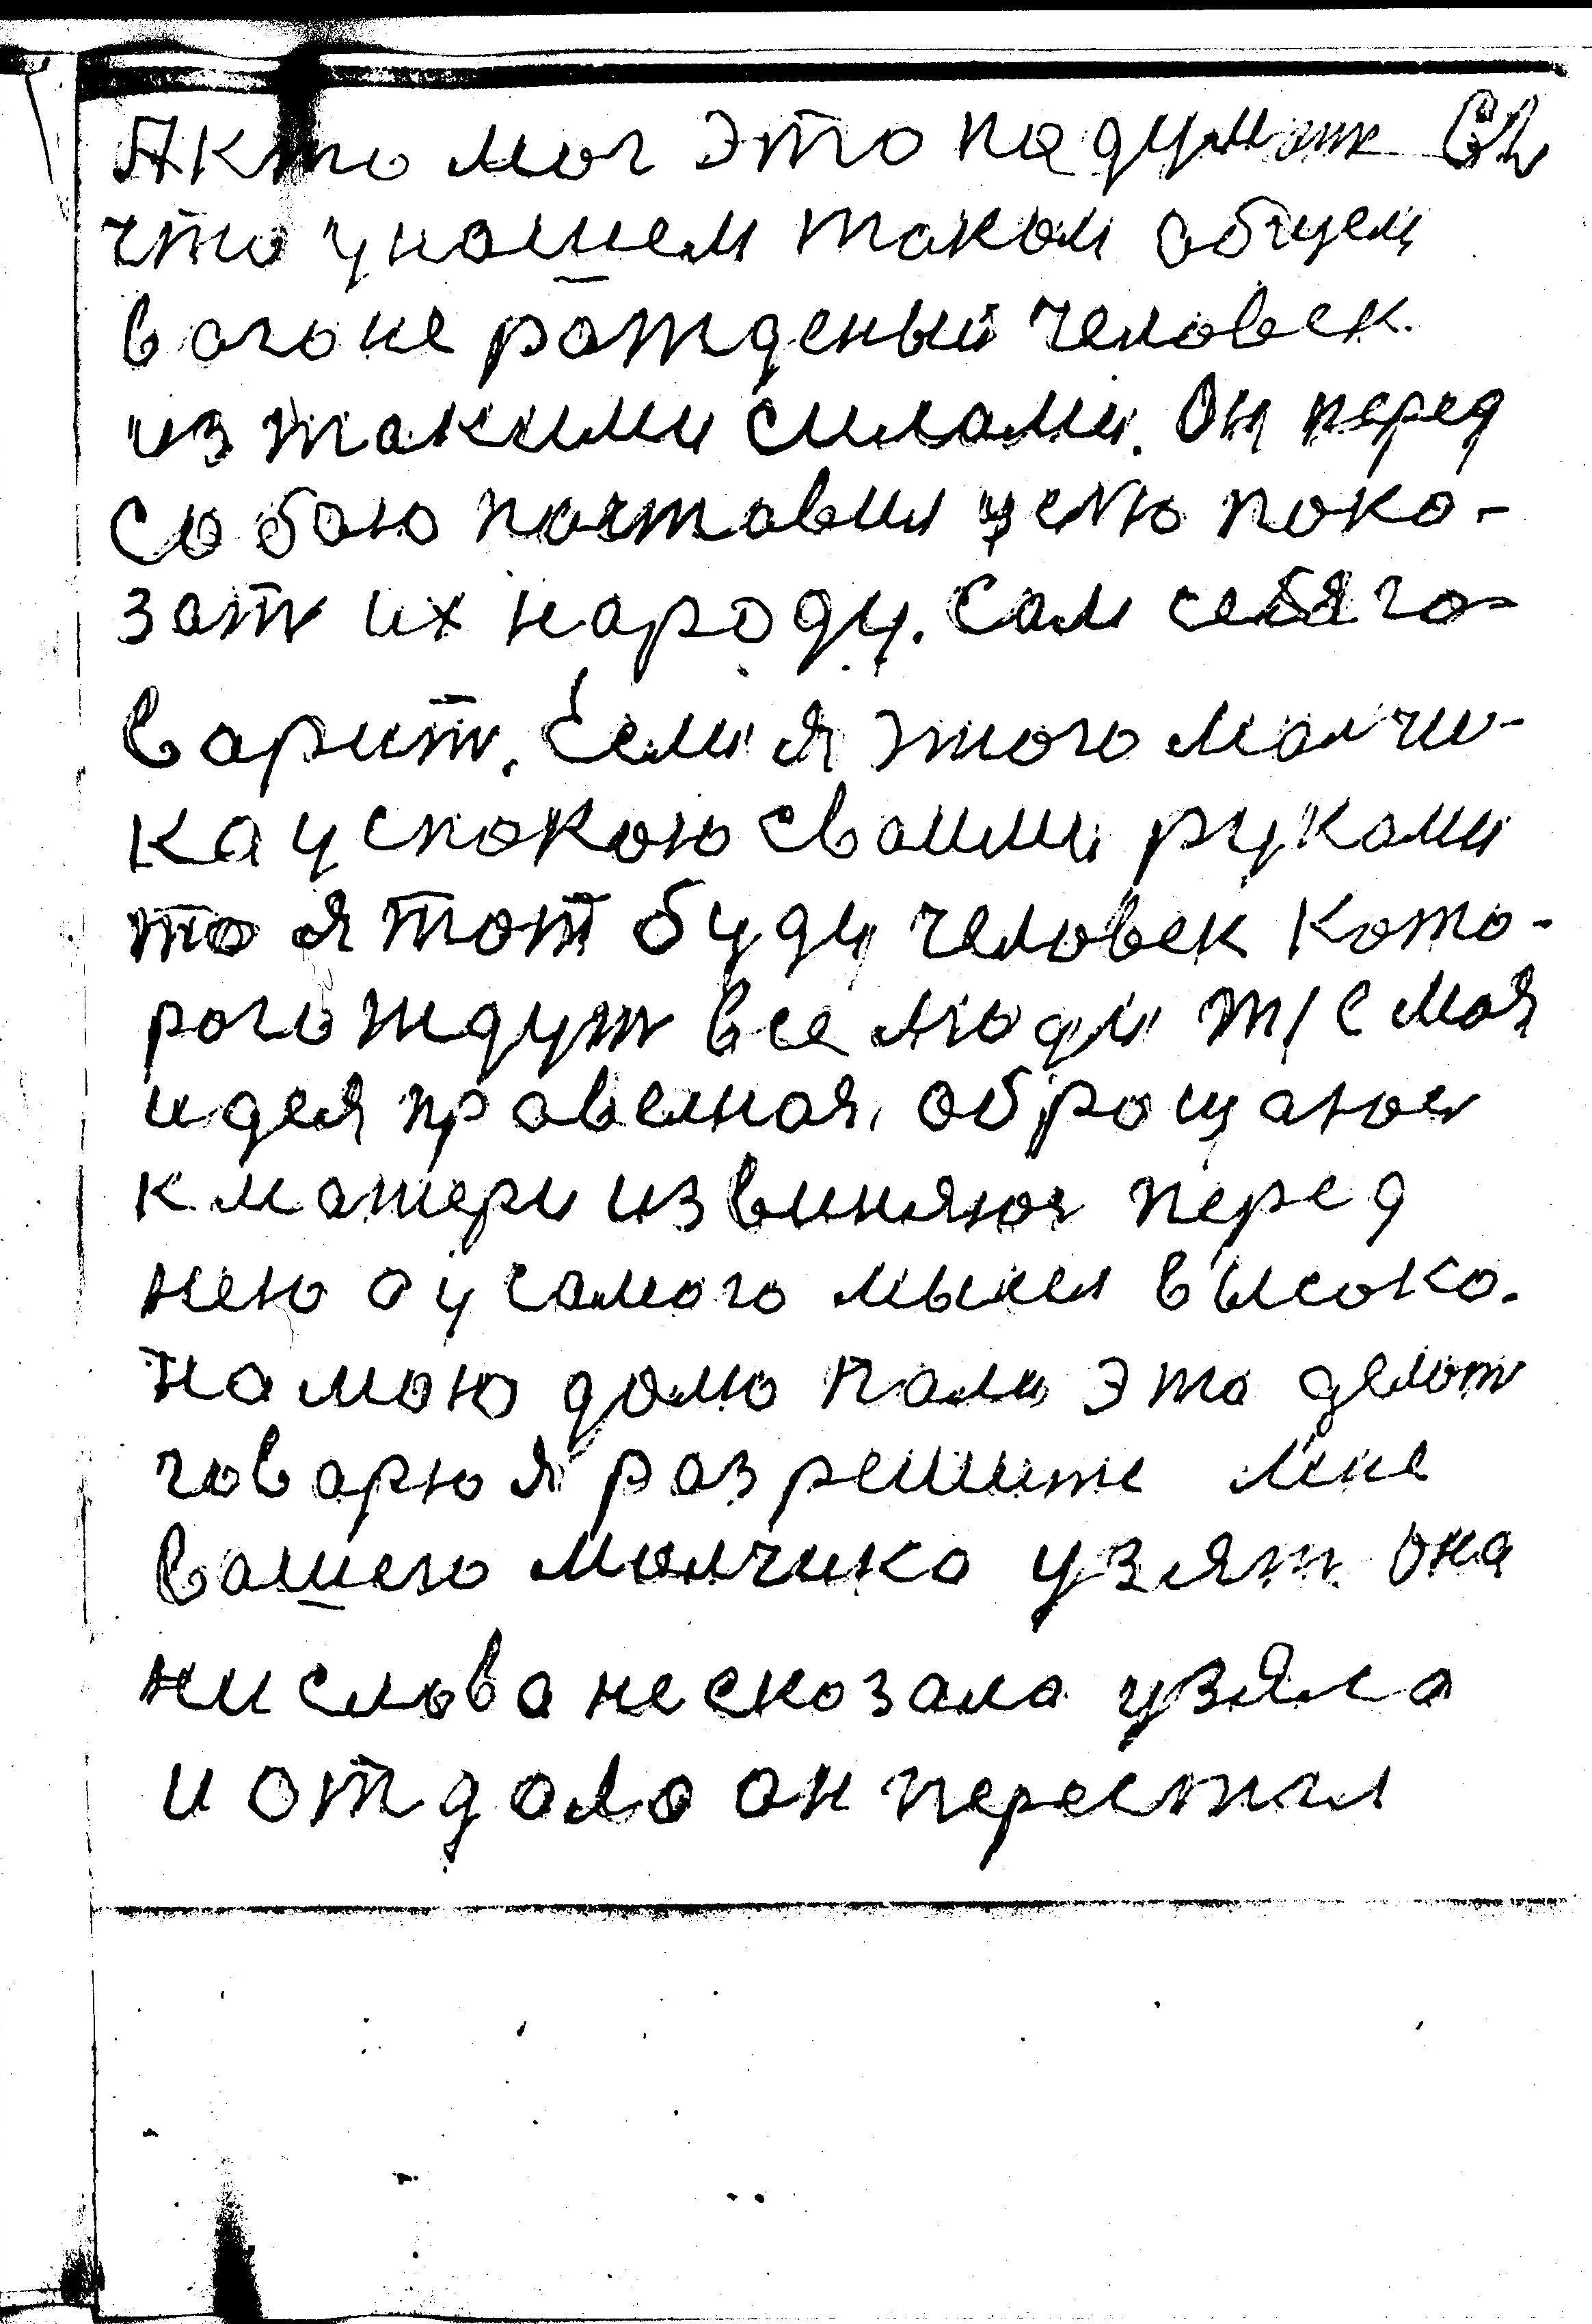 62-132.jpg